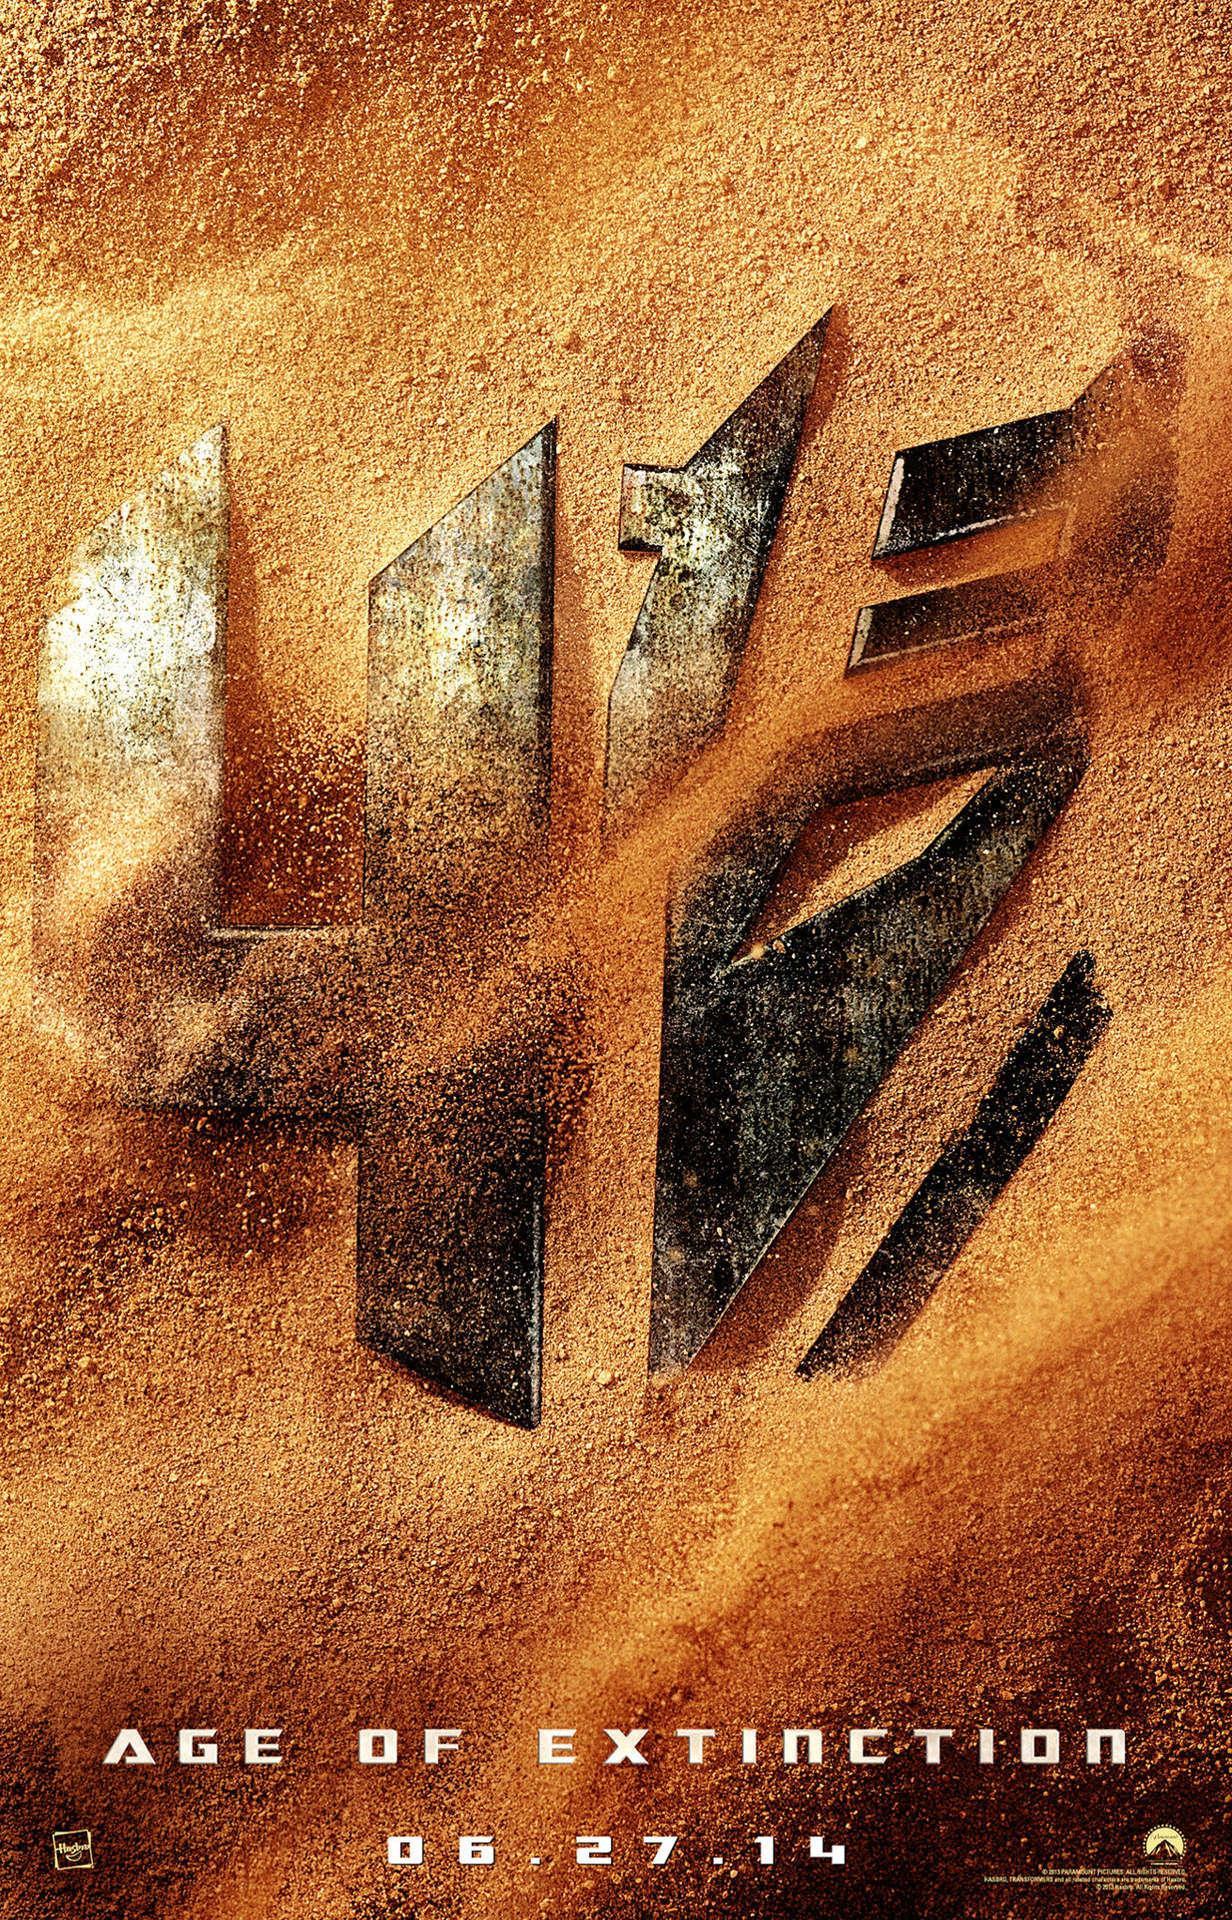 变形金刚4 正式定名《变形金刚:灭绝时代》(Transformers: Age of Extinction )